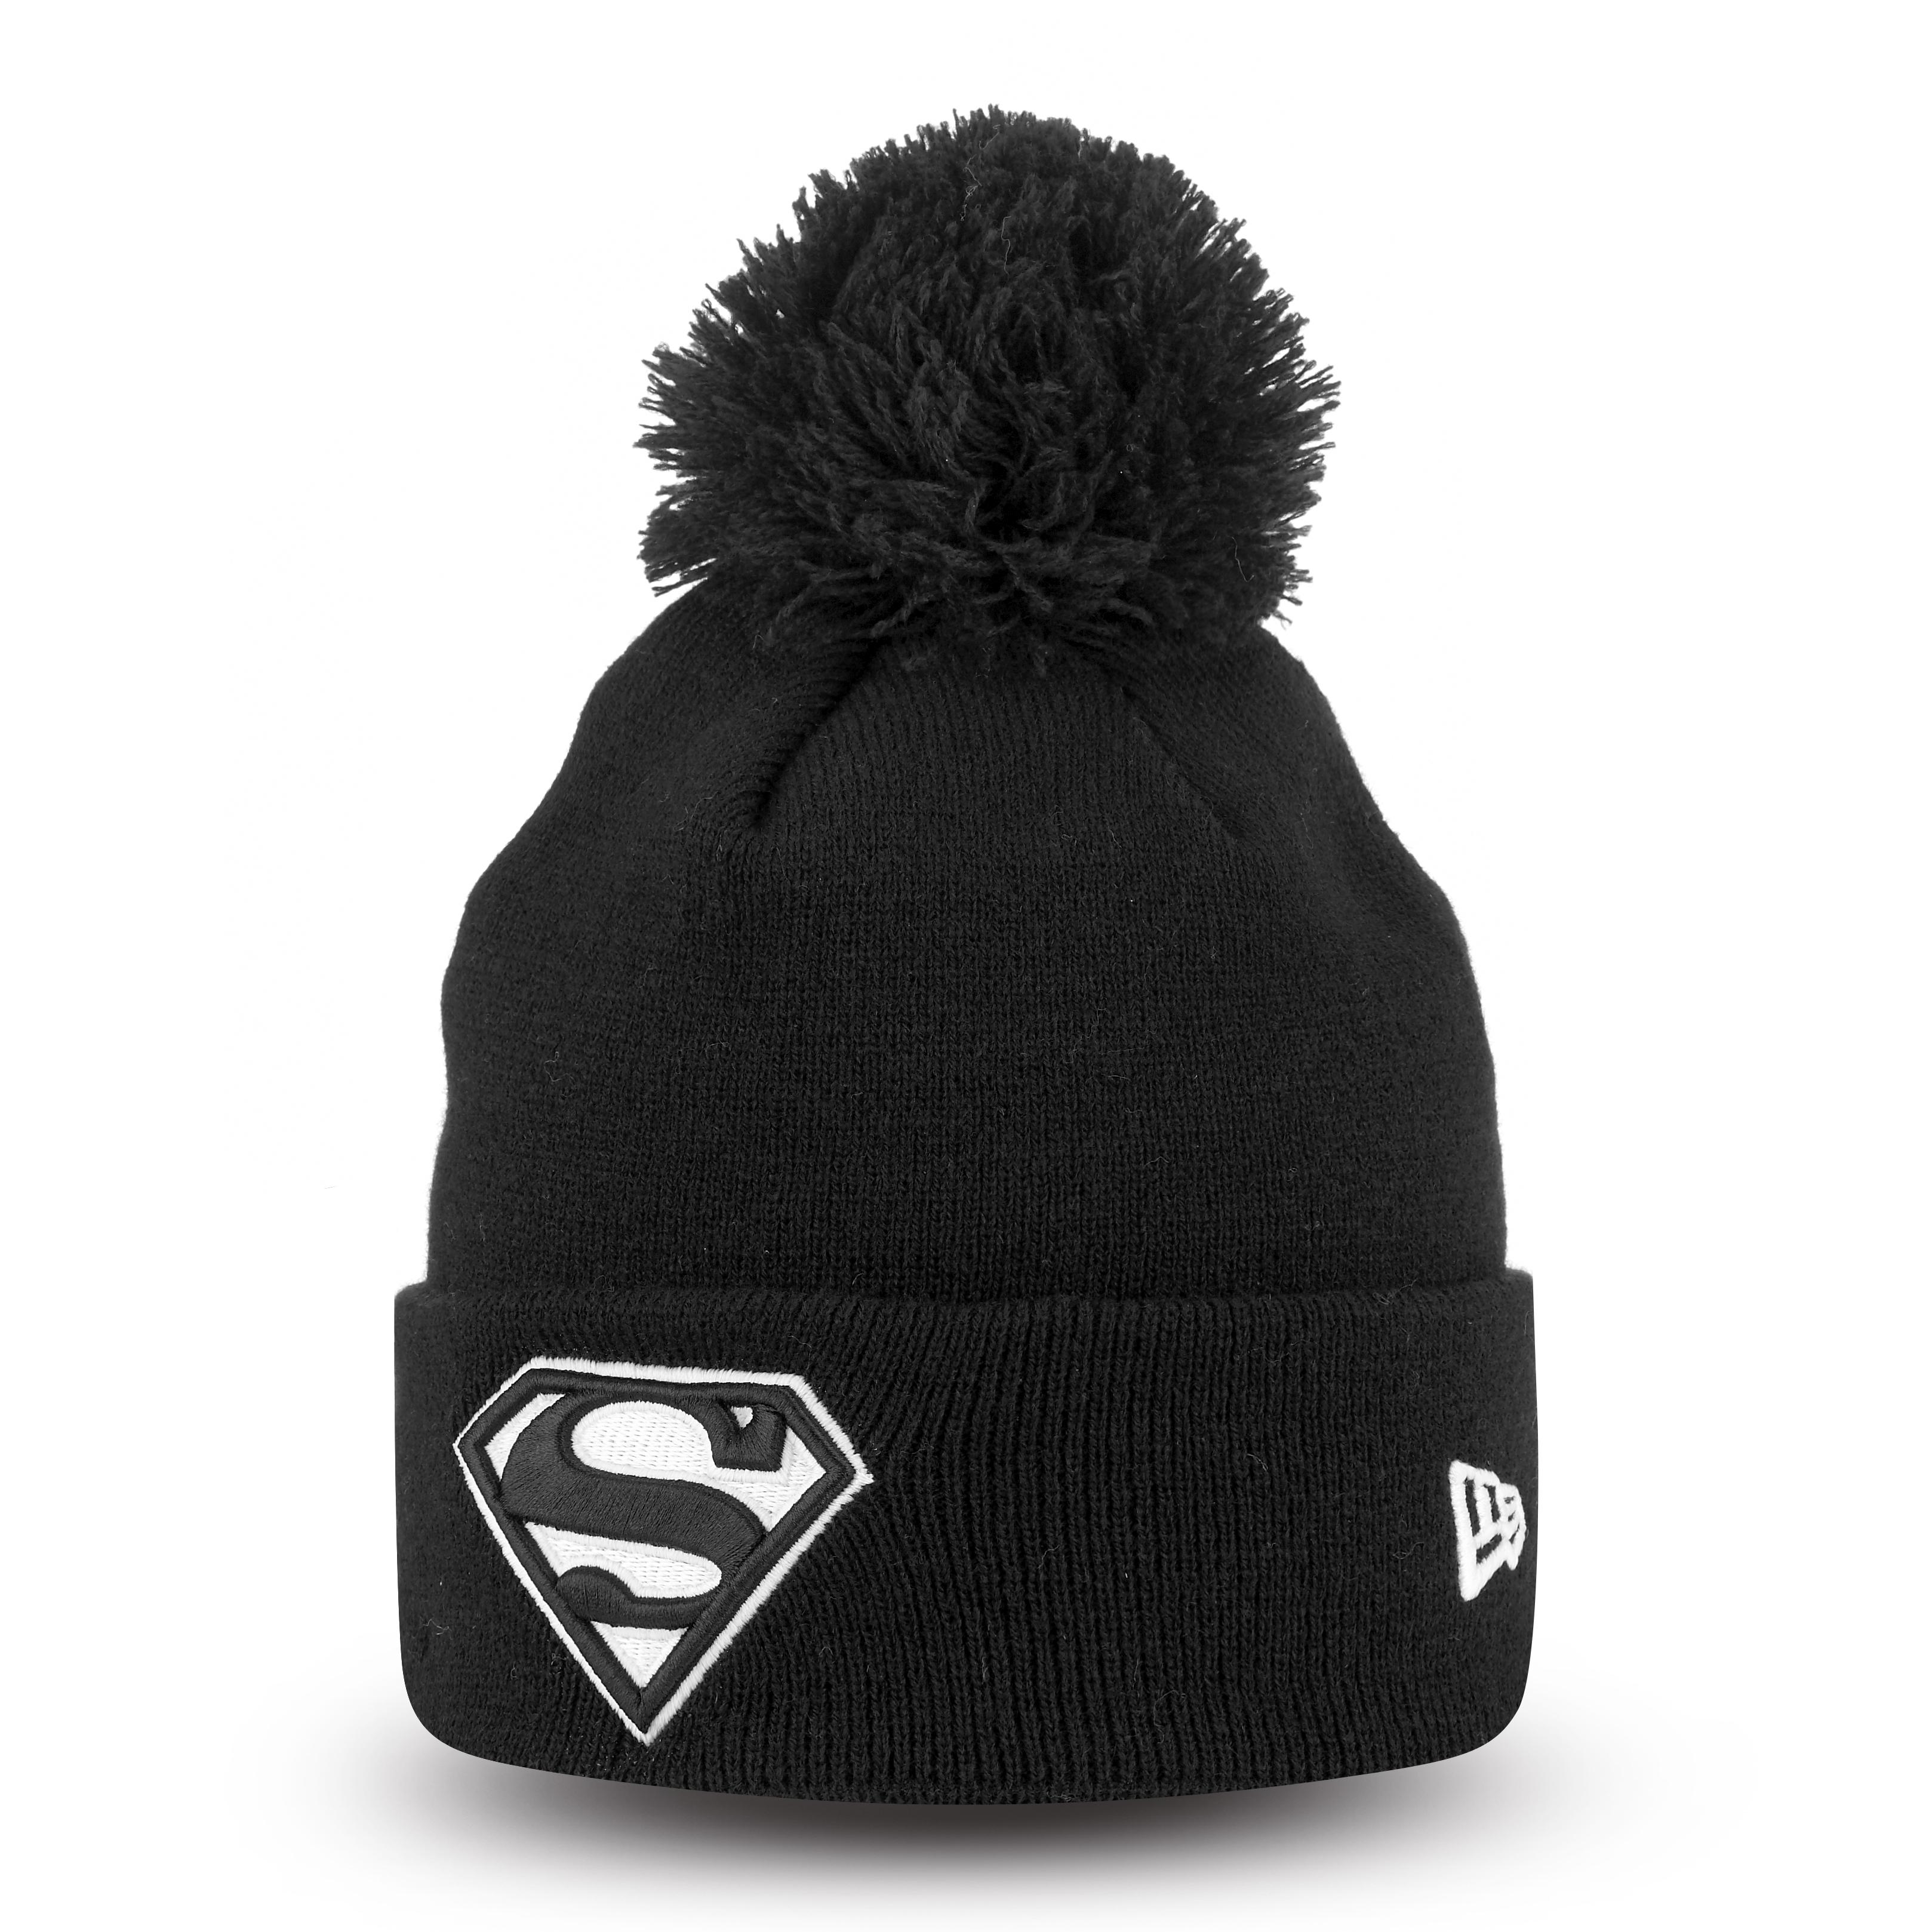 Superman Black Bobble Cuff Knit | New Era Cap Co.